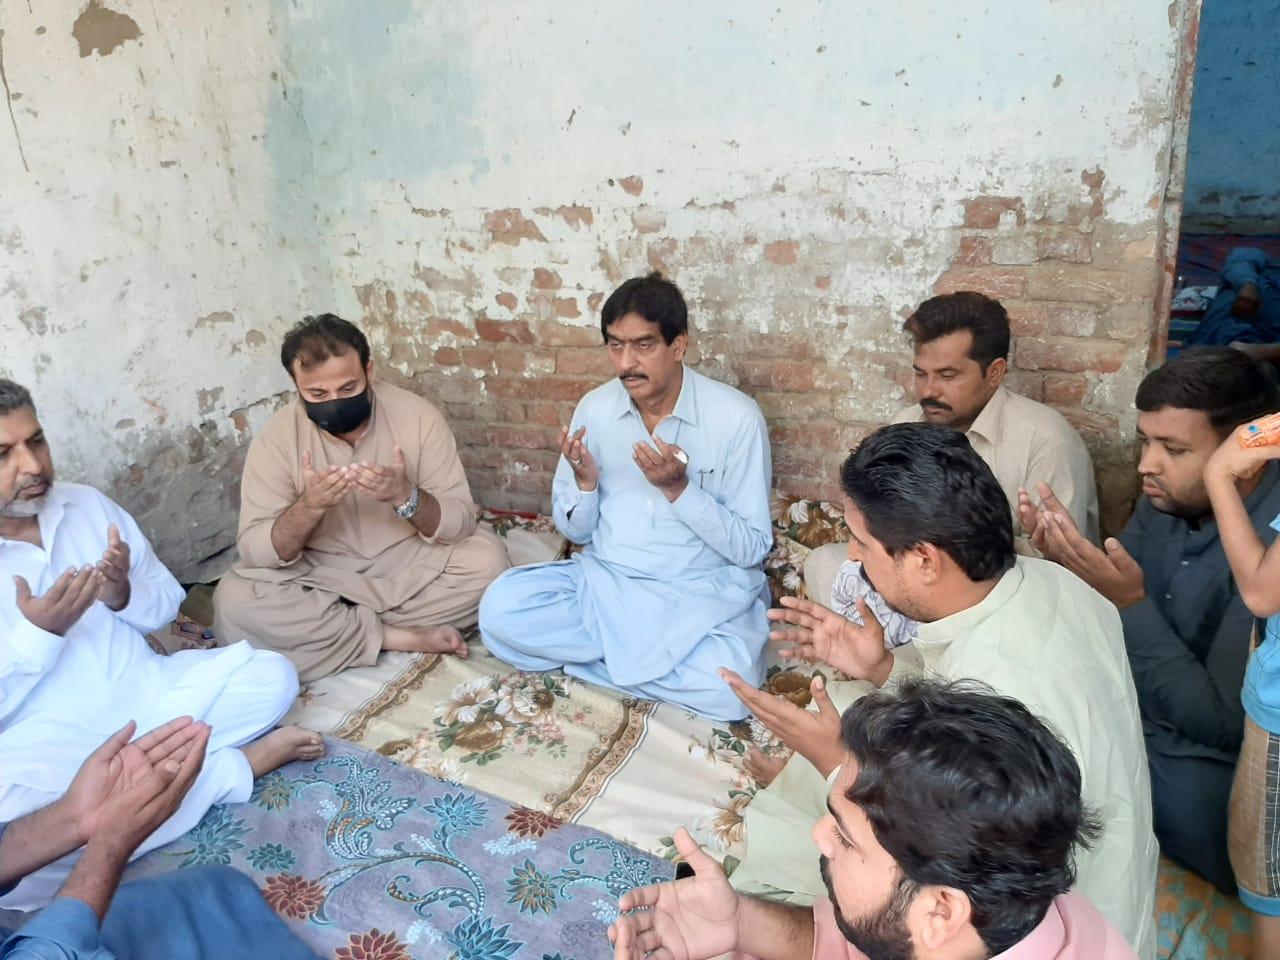 جی ڈی ای رھنما عادل الطاف خان انڑ کا ڈوکری شھر میں مختلف برادریوں سے ان کے قریبوں کے بچھڑنے پر اظہار تعزیت